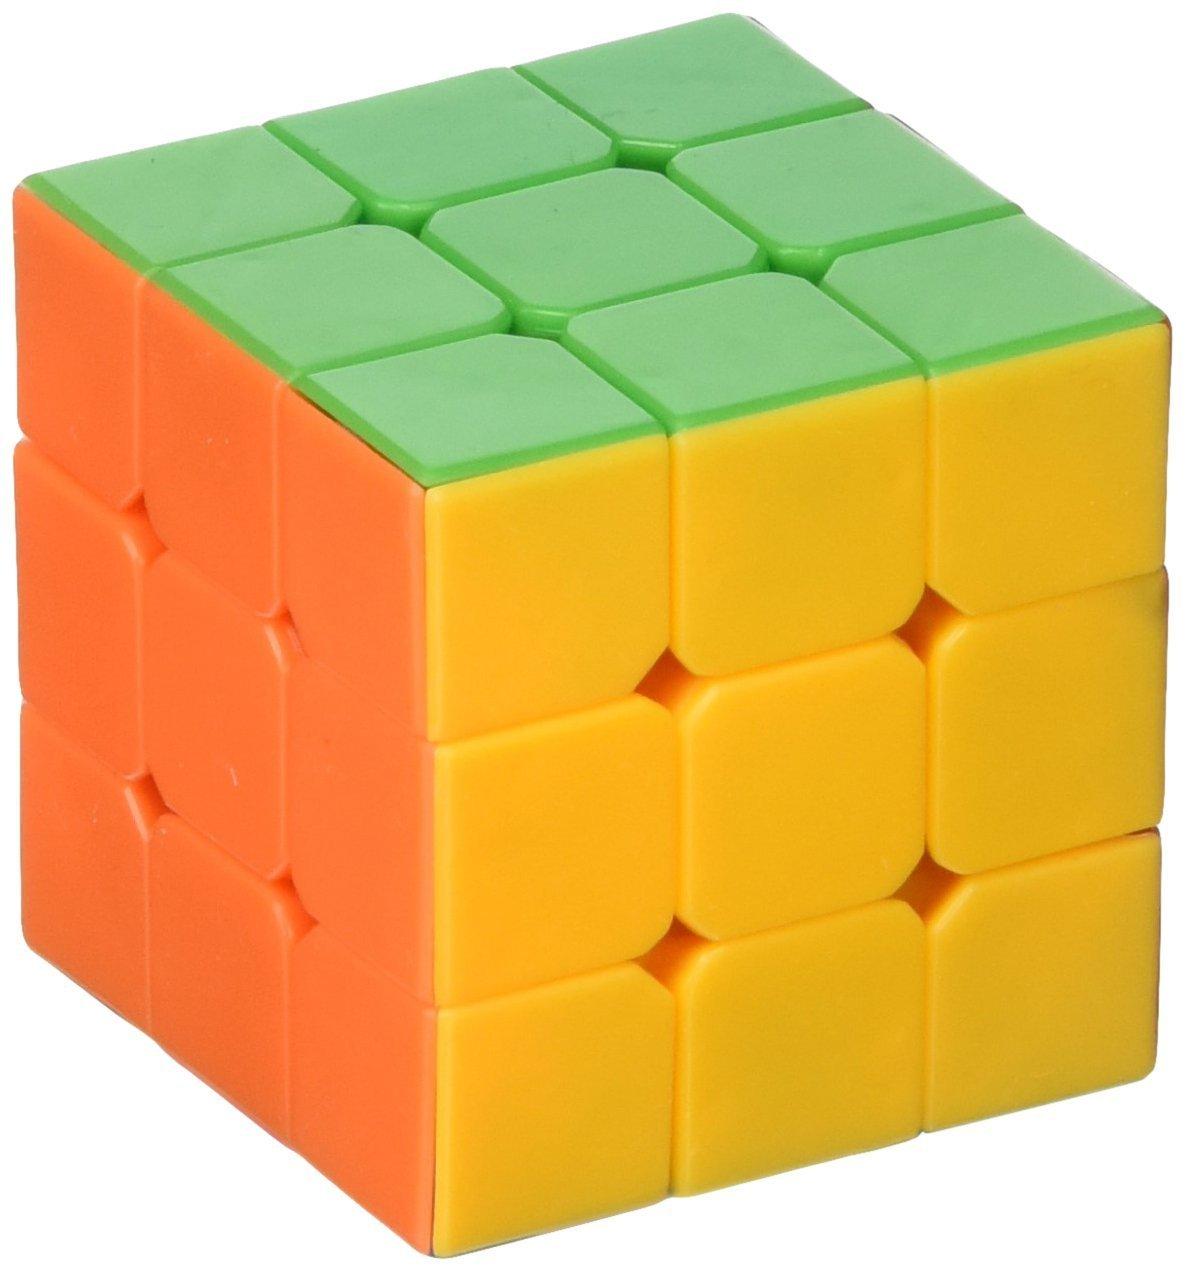 3x3x3 Fangcun